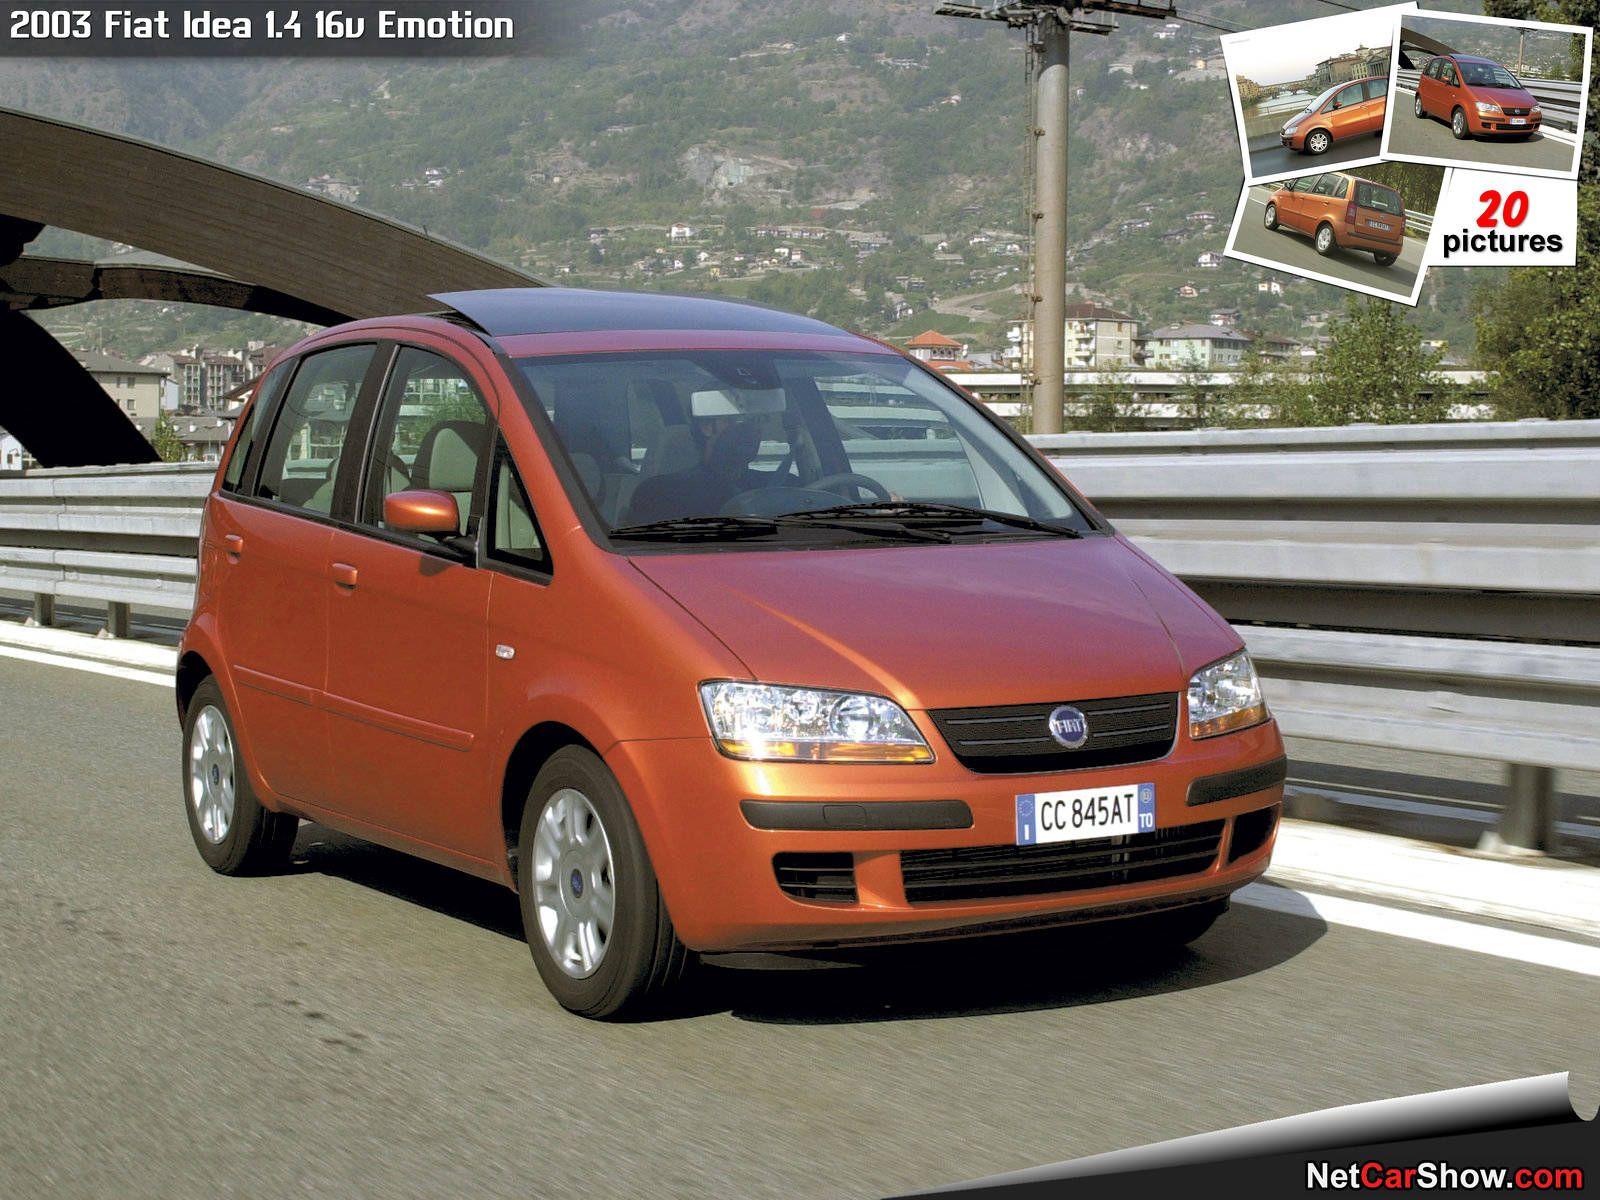 FIAT IDEA 1.4 16V 2003-2012 Workshop Service Repair Manual